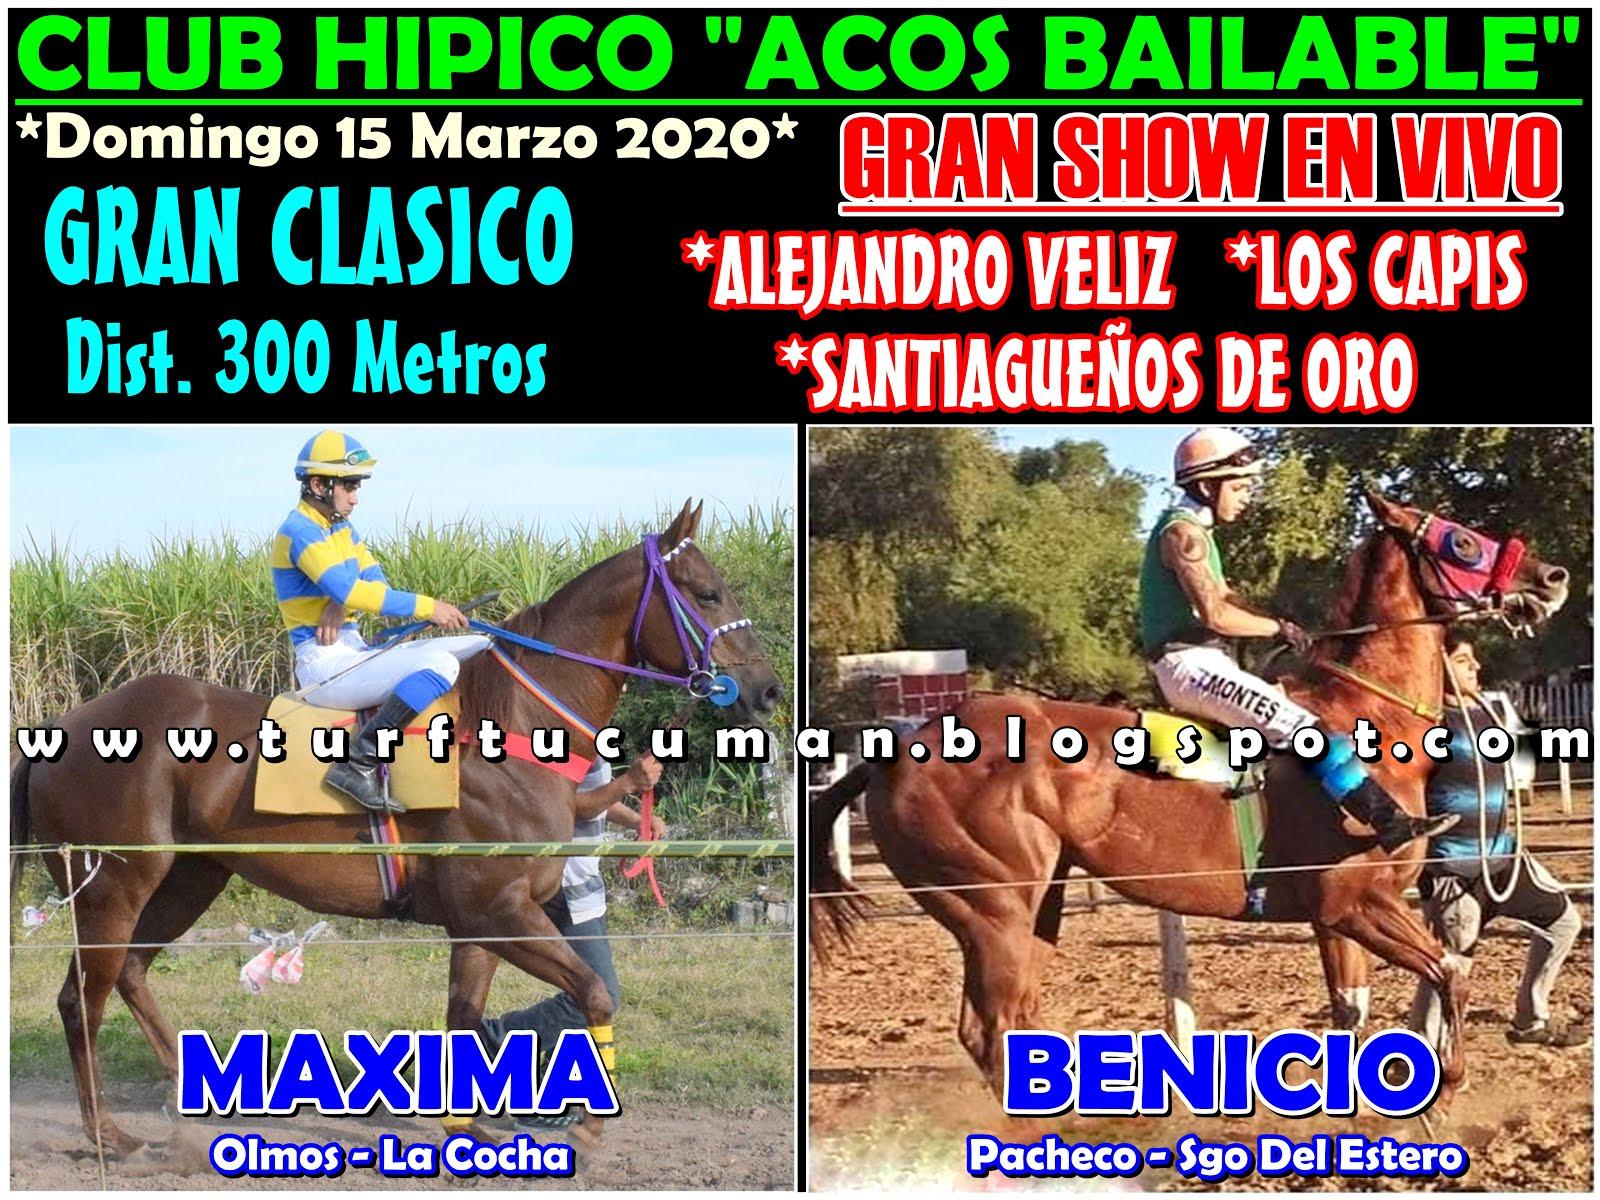 MAXIMA VS BENICIO